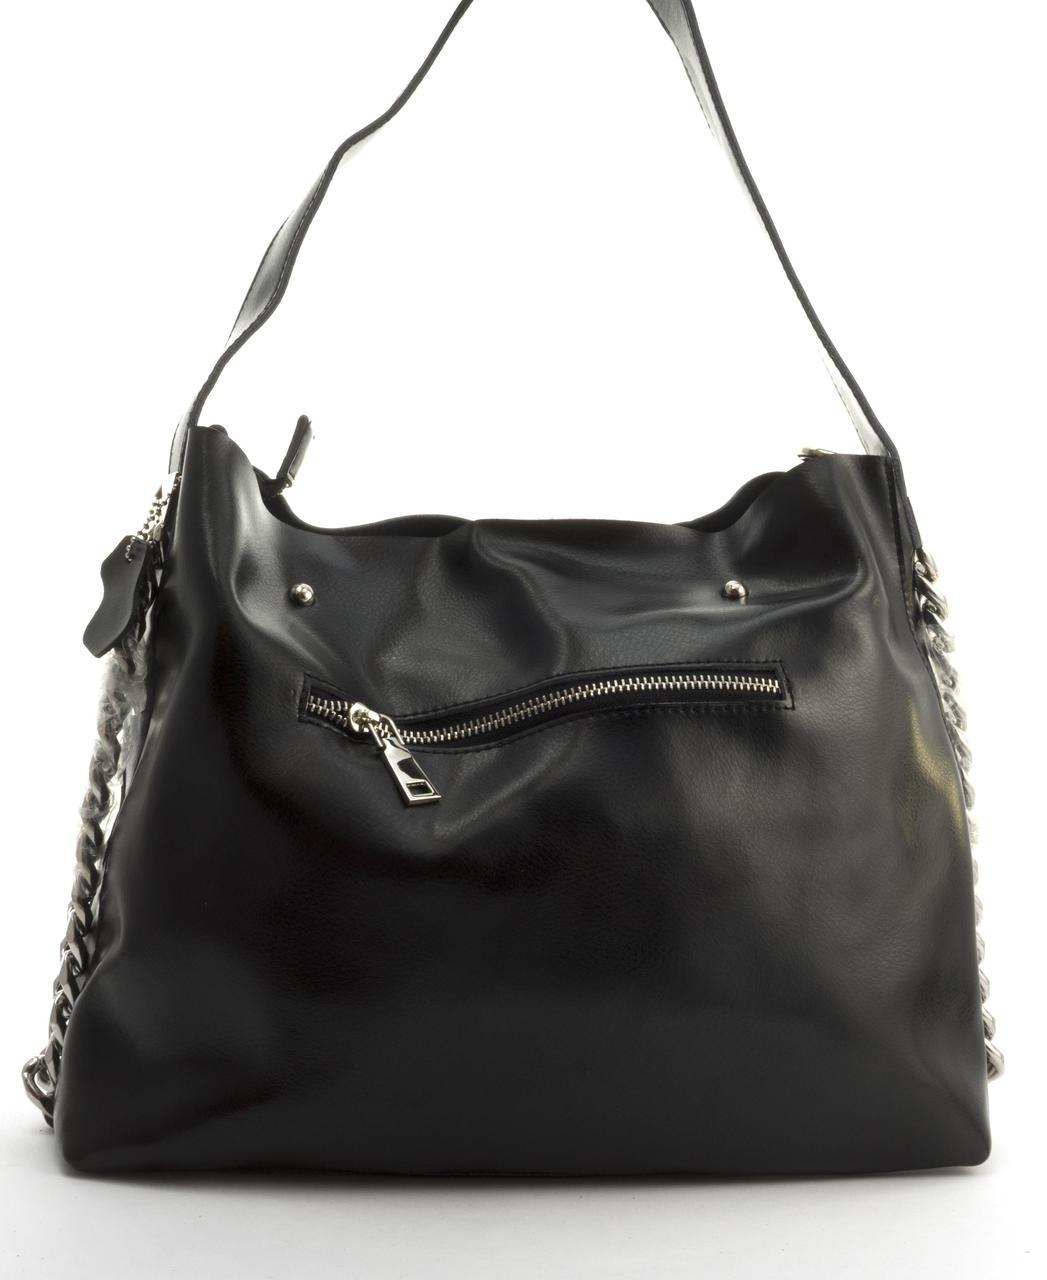 Суперстильная вместительная кожана прочная женская сумка CELINE art. 10015 черная